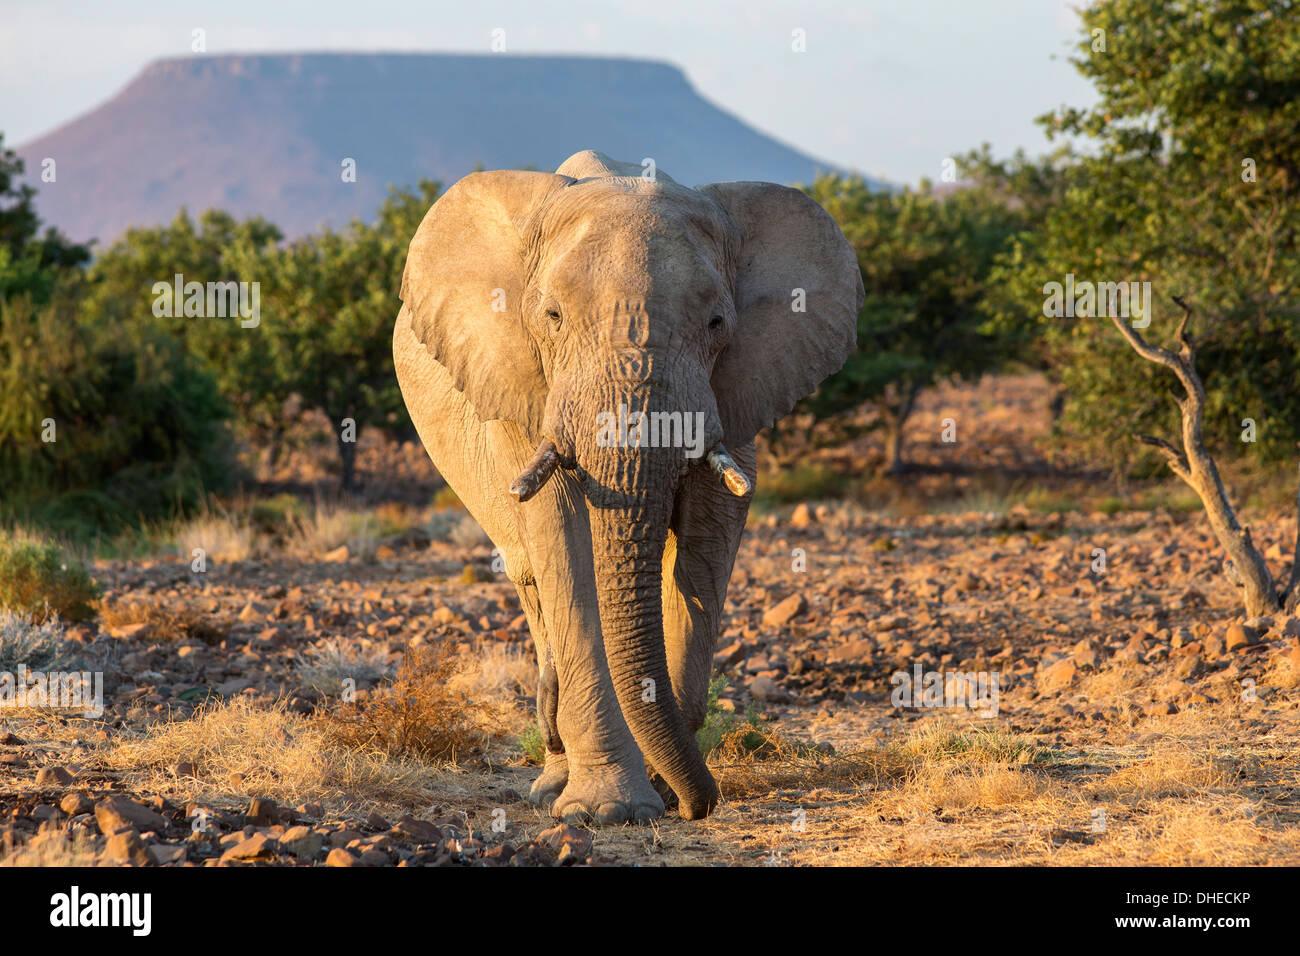 Elephant (Loxodonta africana), Damaraland, Kunene, Namibia, Africa - Stock Image